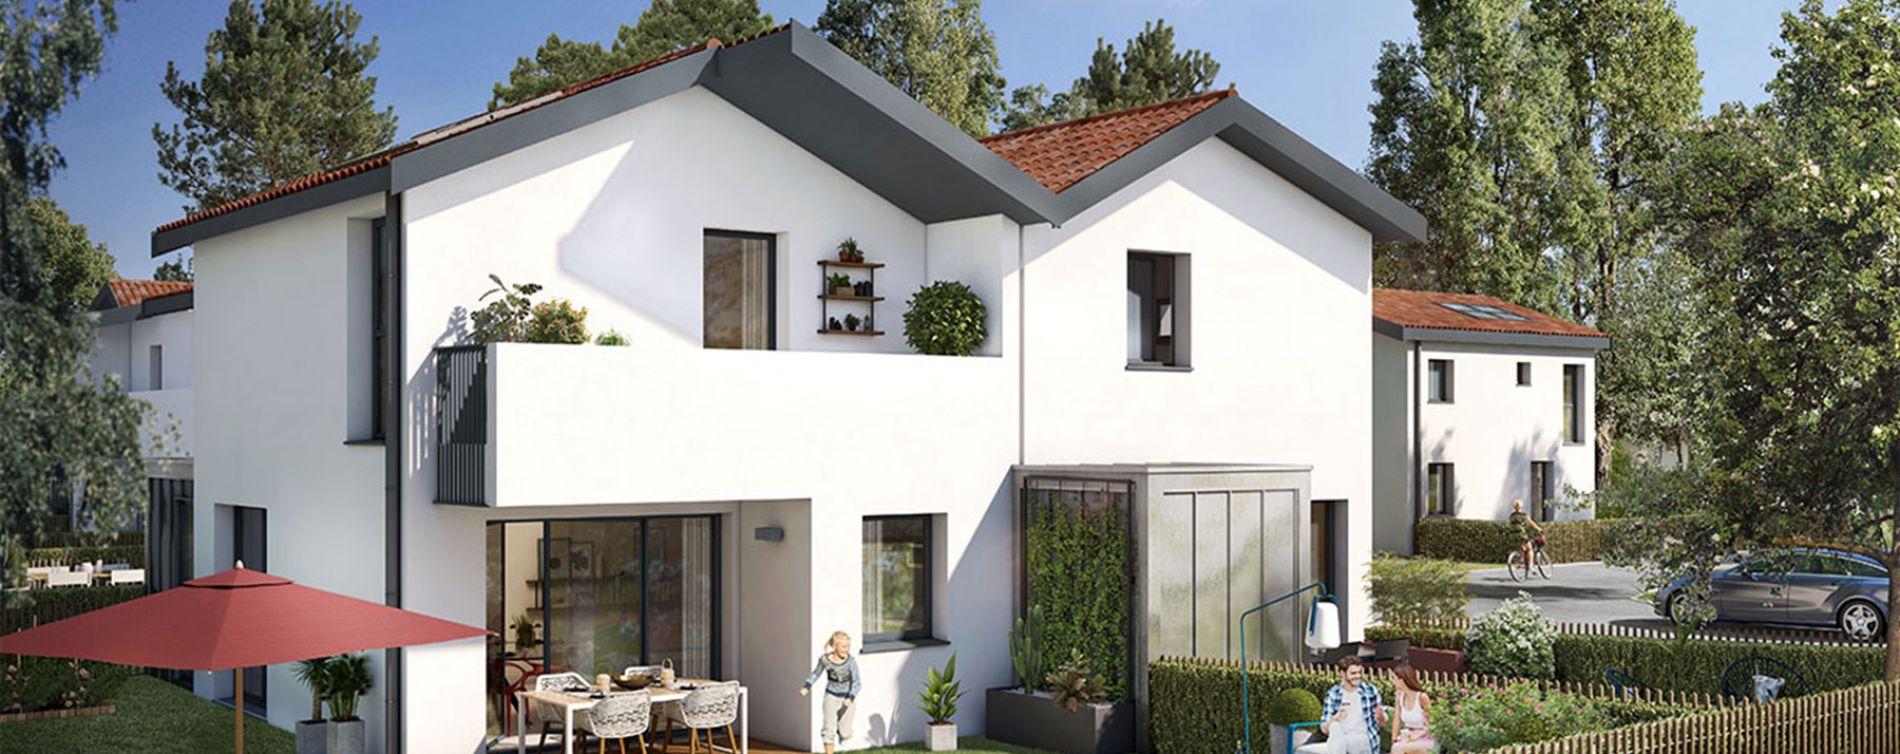 Blanquefort : programme immobilier neuve « Lys Blancs » (2)